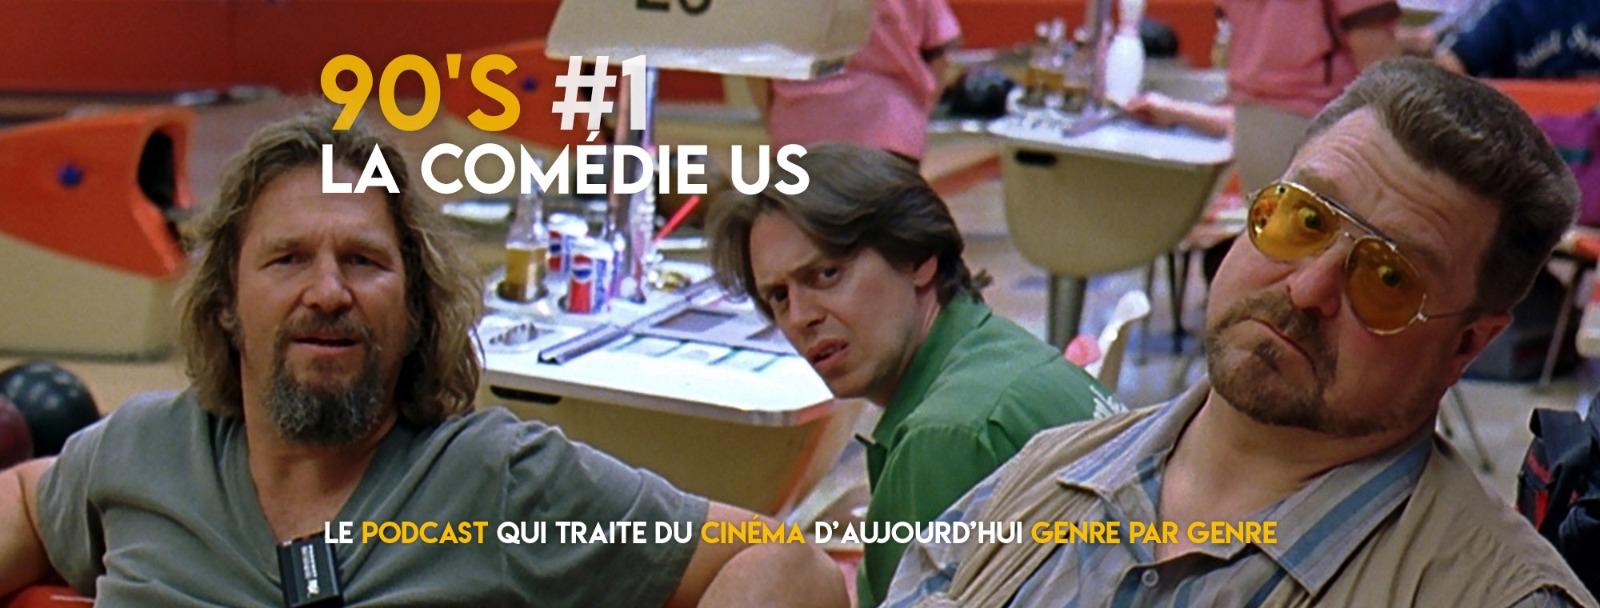 Parlons Péloches - 90's #1 La comédie US